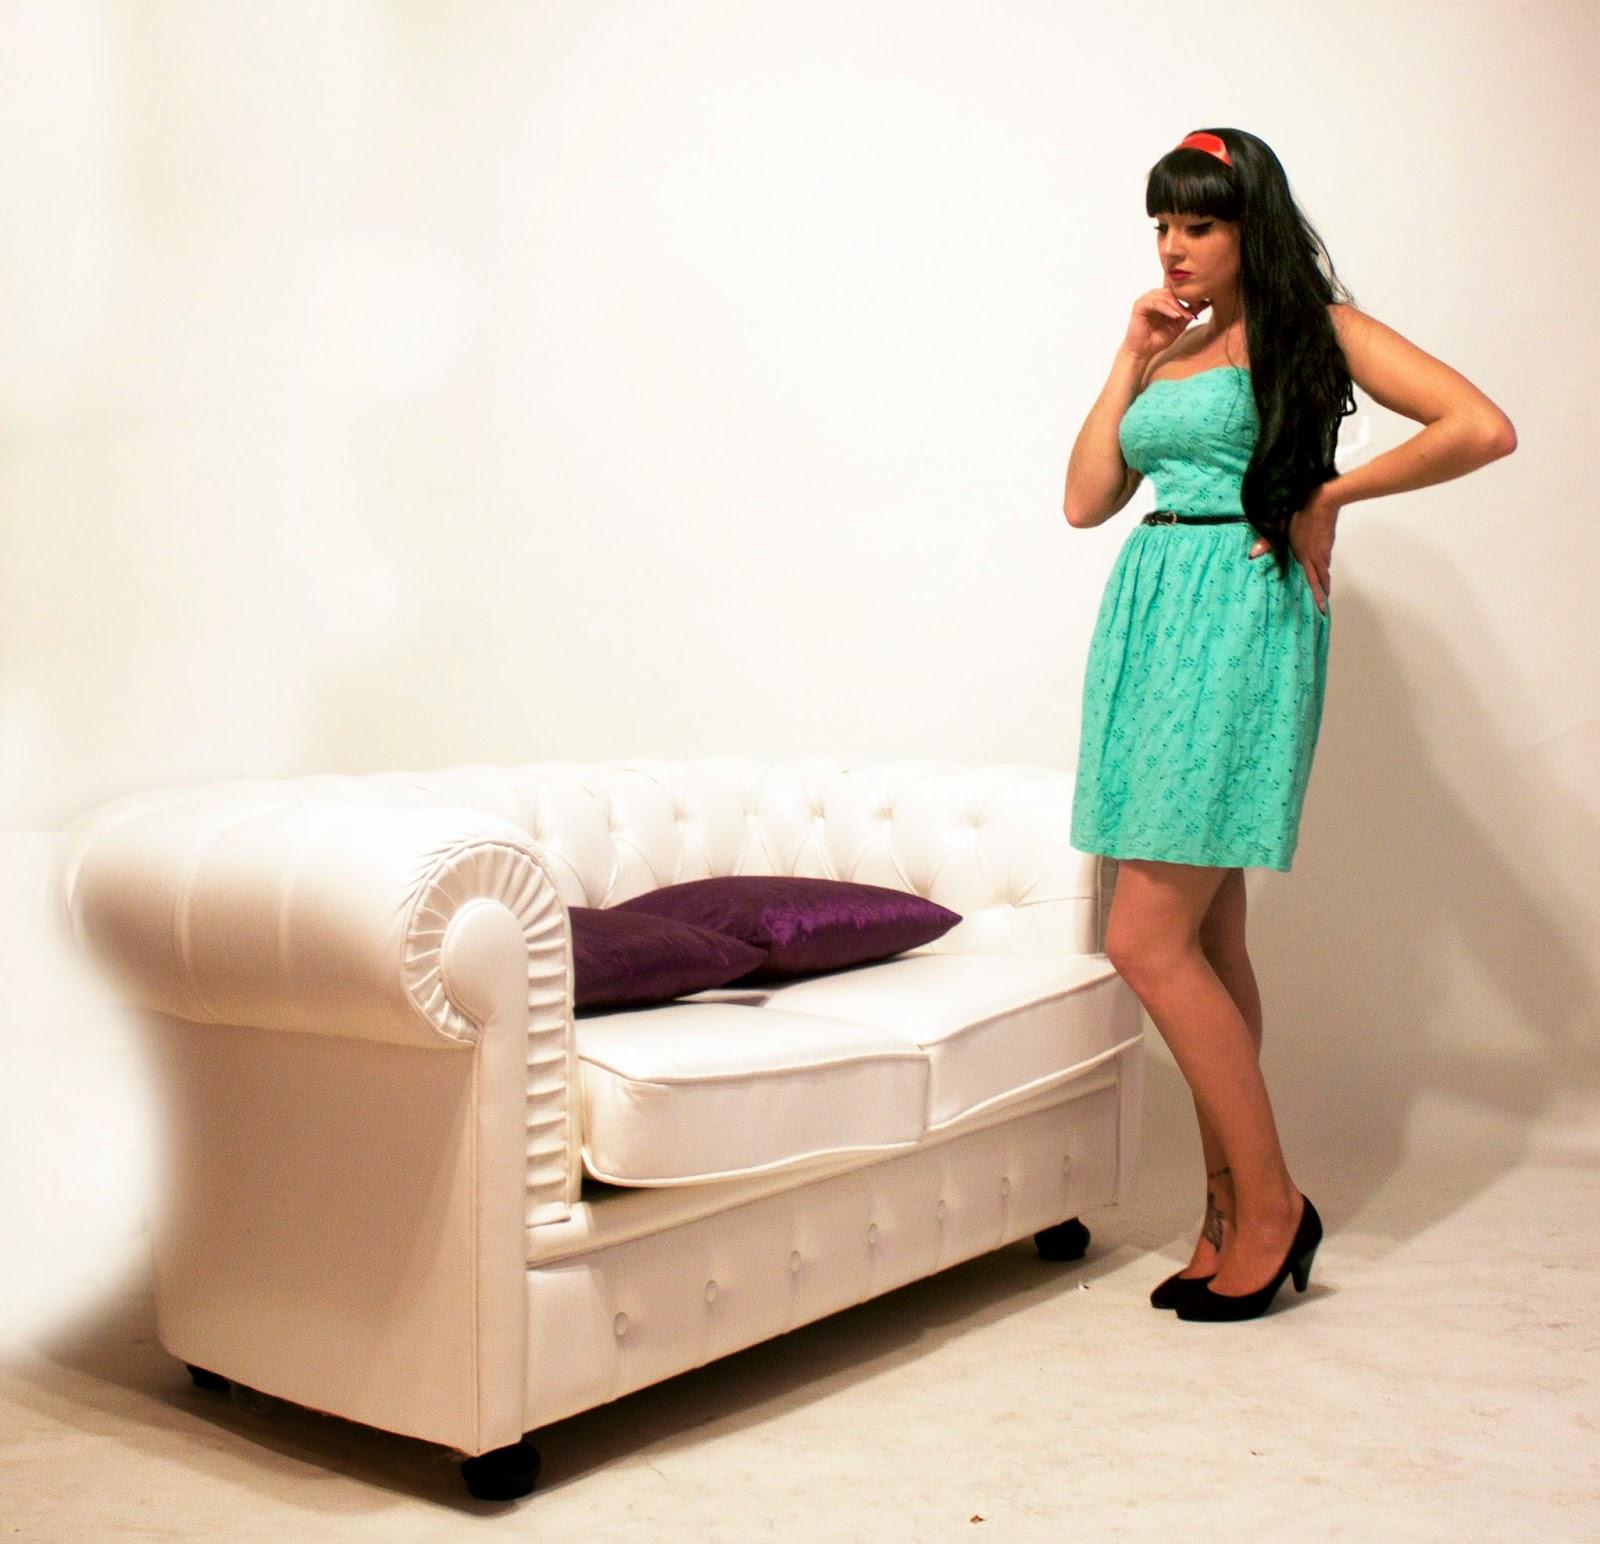 Сама себя удовлетворила на диване 5 фотография